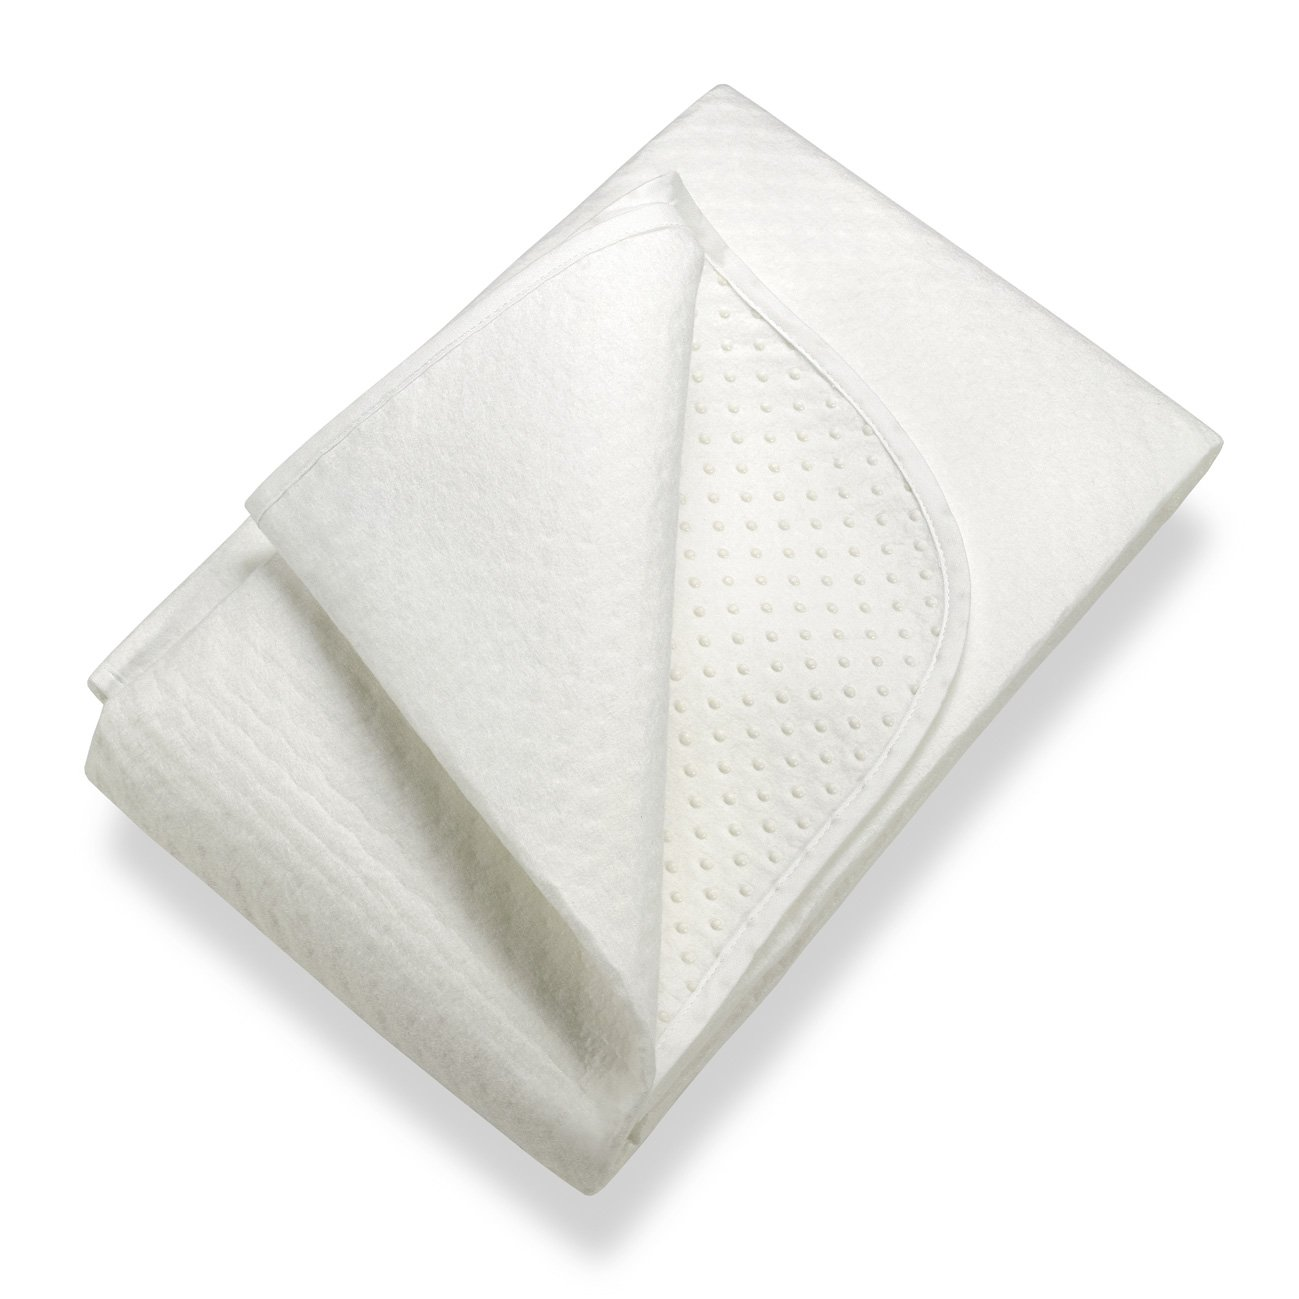 SETEX Isolateur de sommier, Points en latex, Taille 90 x 200 cm, Classic, N450 090200 151 002, Blanc